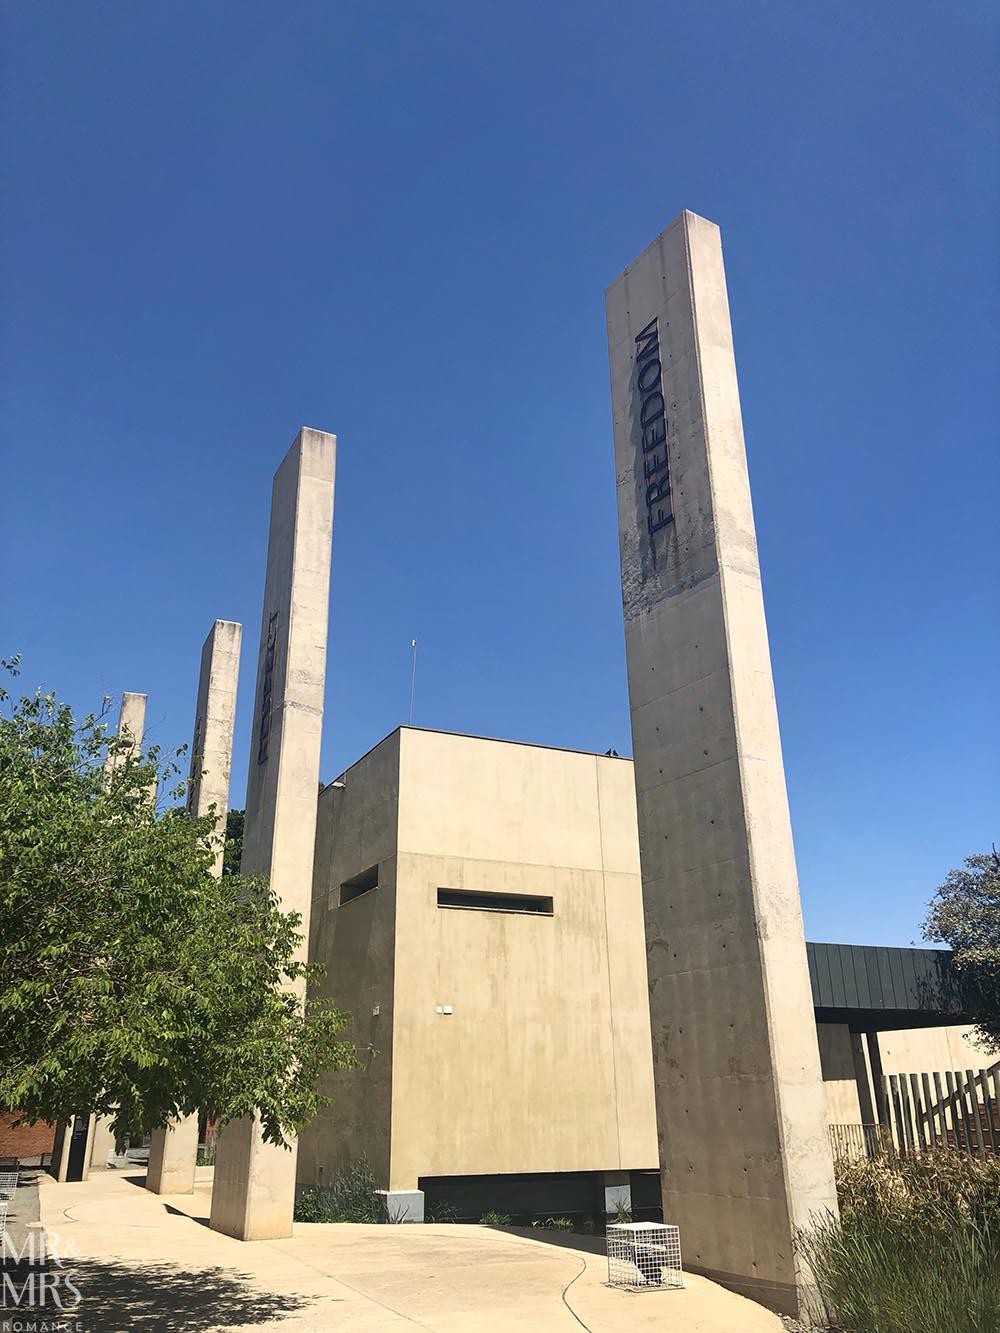 South Africa Tourism - Apartheid Museum pillars of constitution